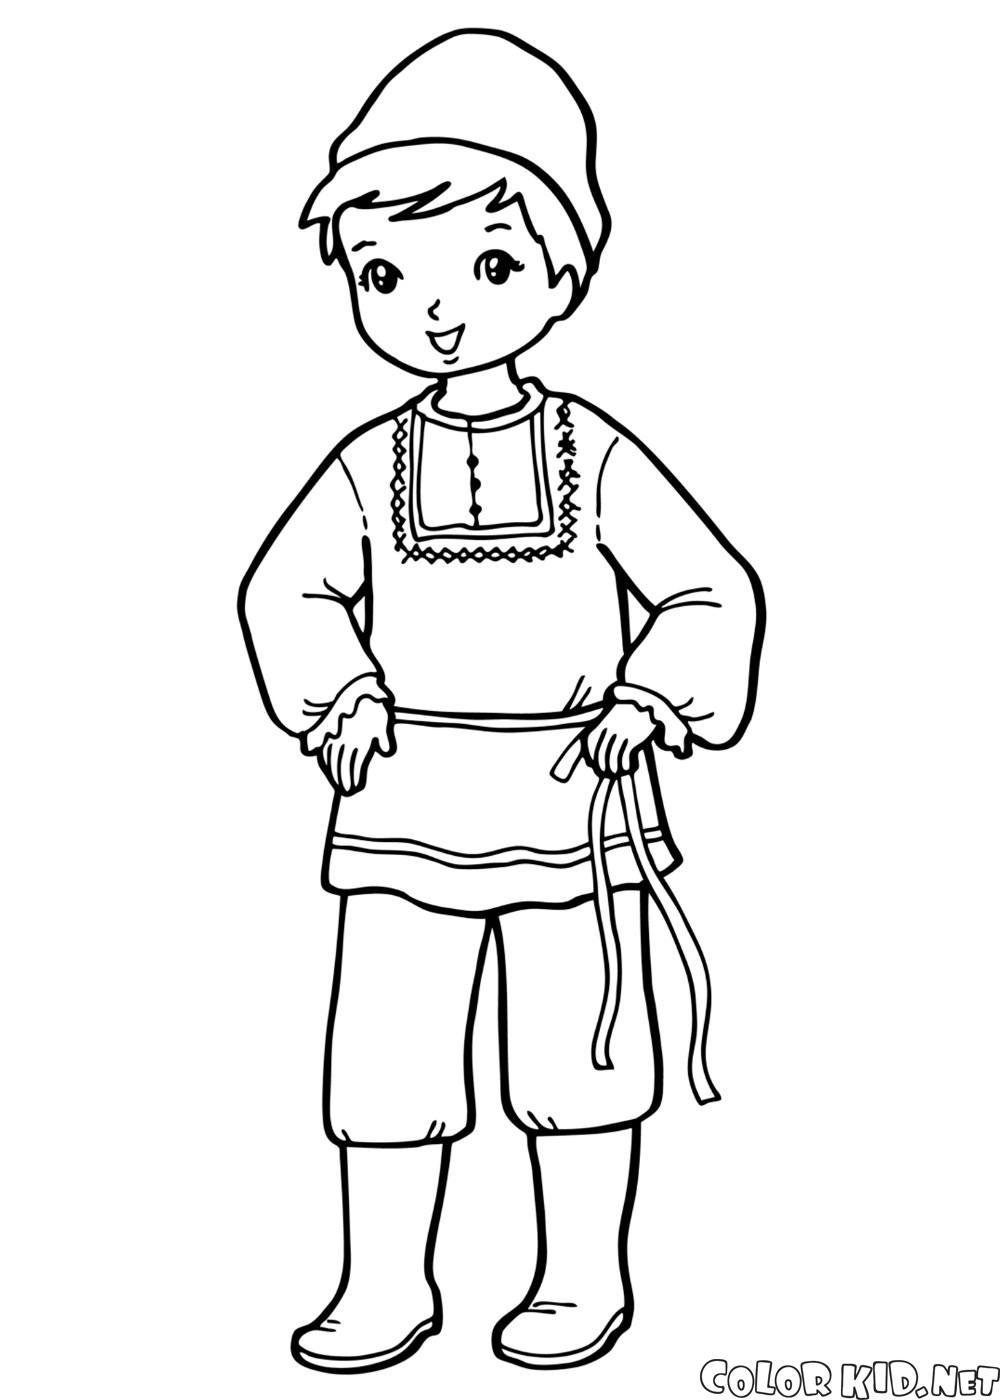 民族衣装を着た少年